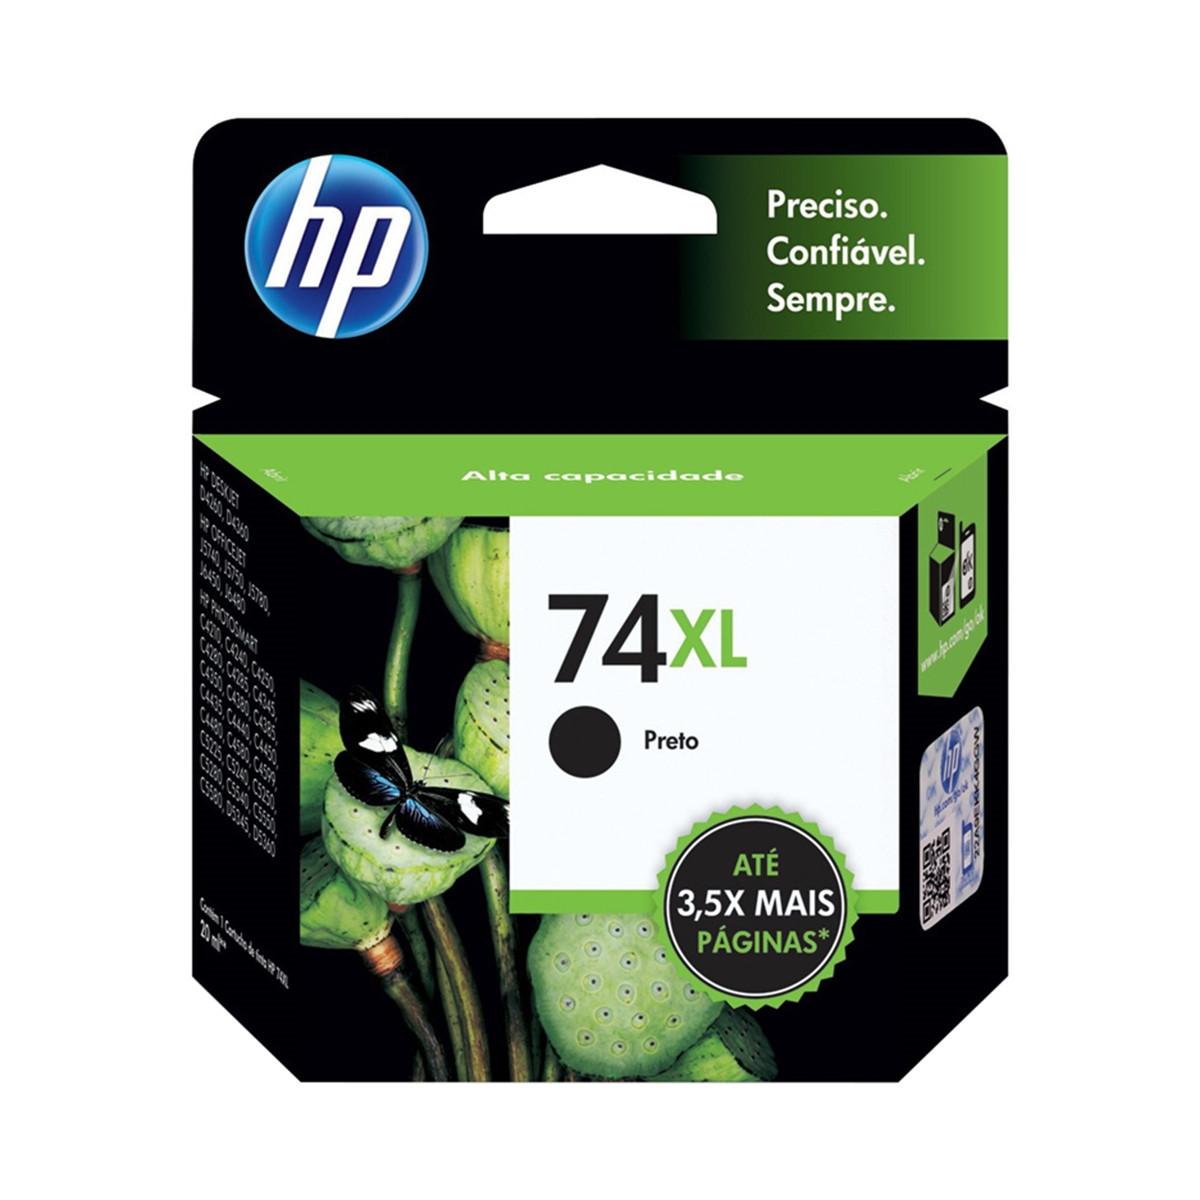 Cartucho de Tinta HP 74XL CB336WB Preto | Photosmart C4480 C4280 C5280 | Original 20ml